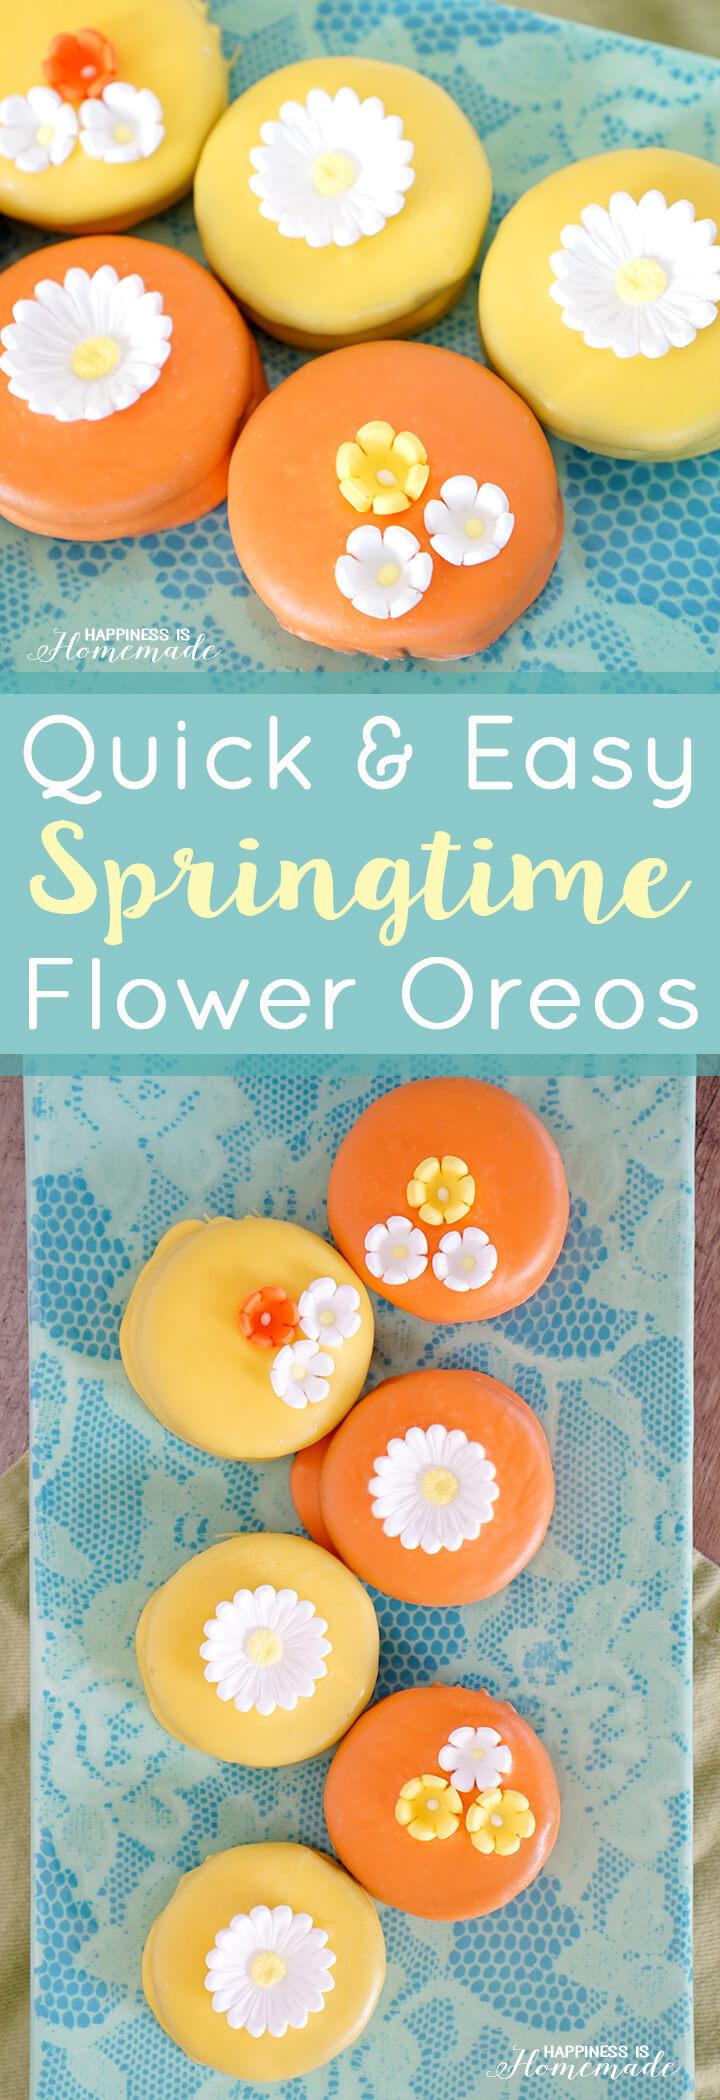 Quick and Easy Springtime Flower Oreos